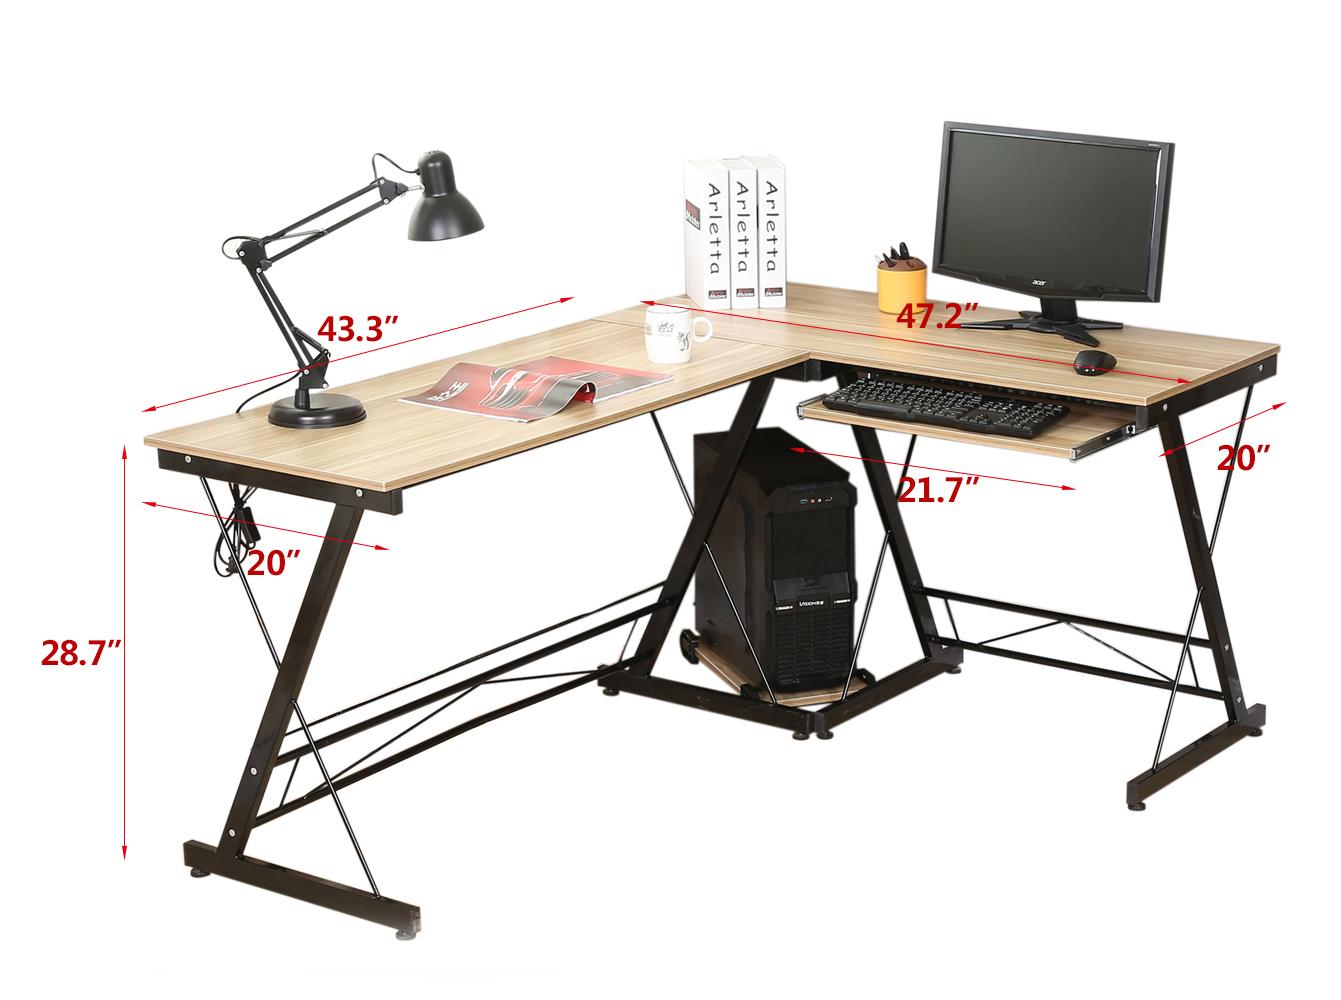 casa ufficio scrivania del computer pc da tavolo di lavoro. Black Bedroom Furniture Sets. Home Design Ideas